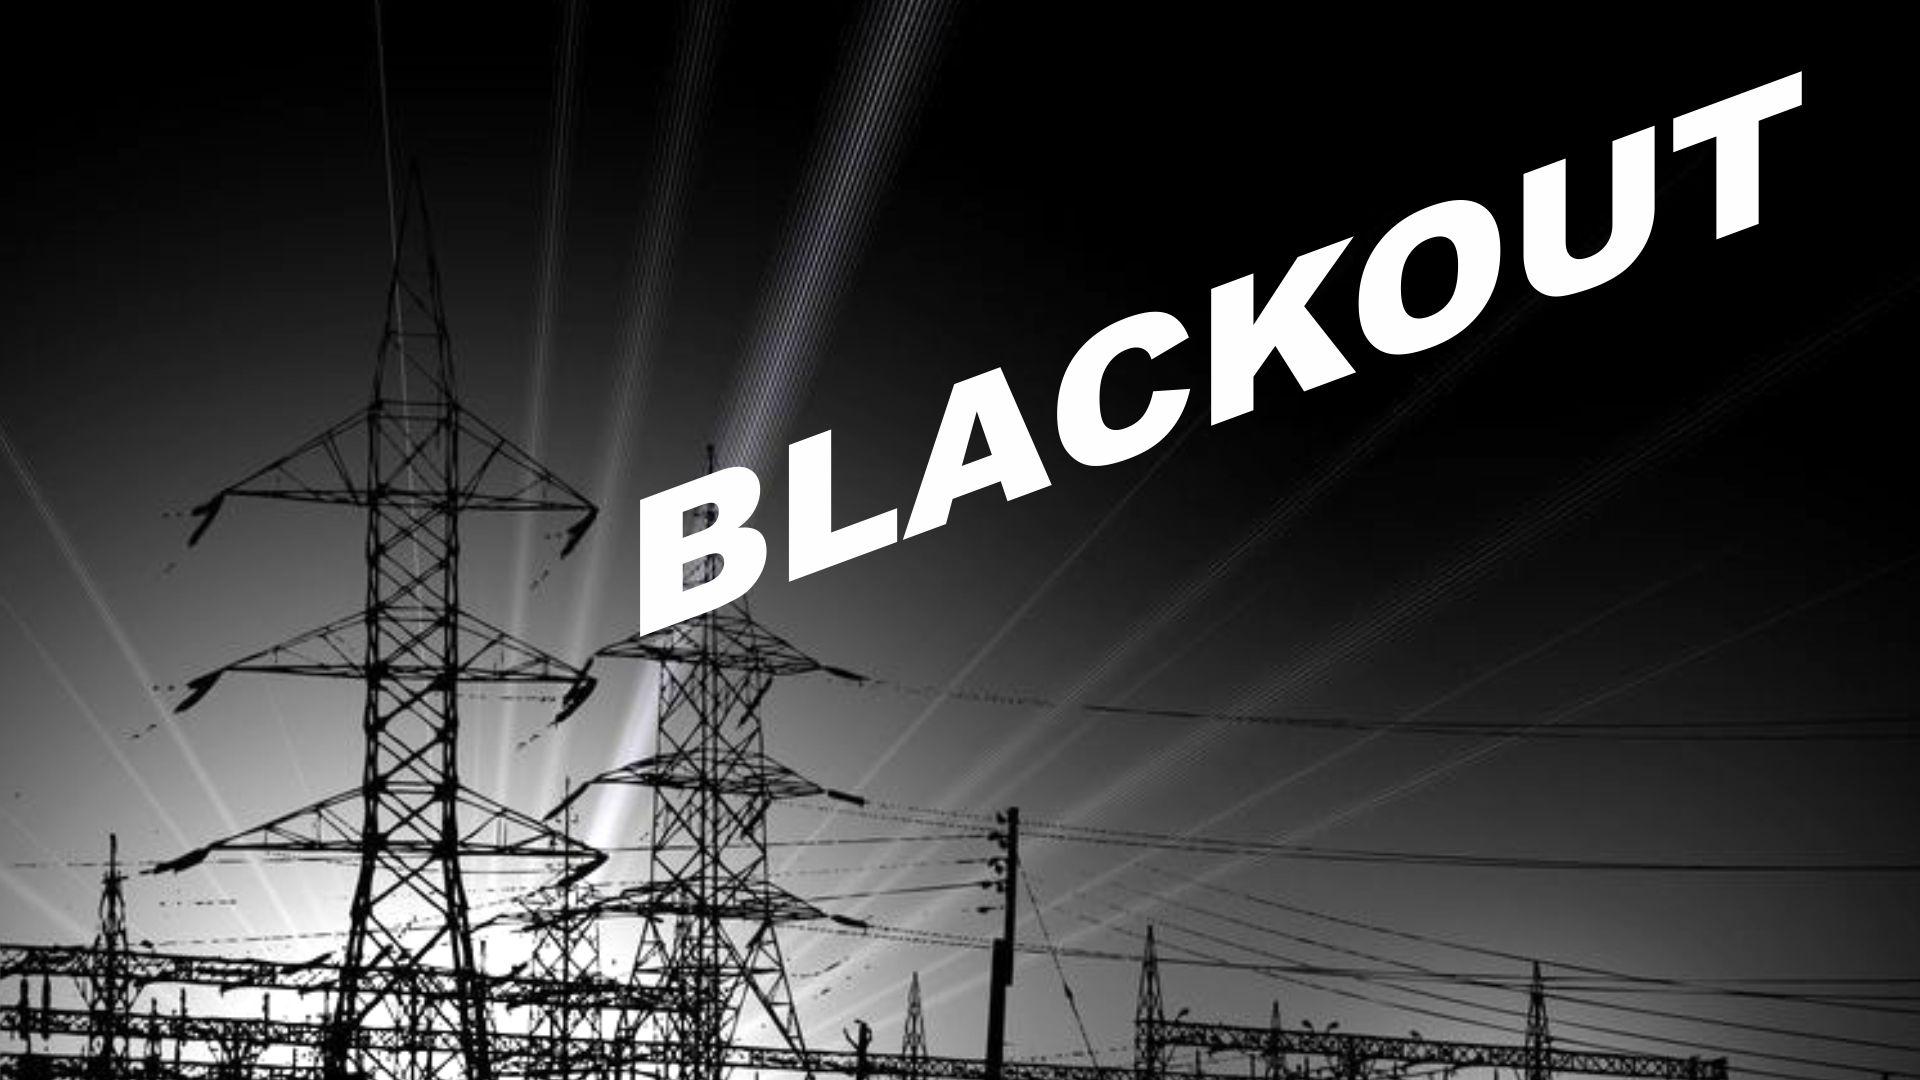 Blackout-Gefahr: Warten auf den landesweiten Infarkt – BKF TV